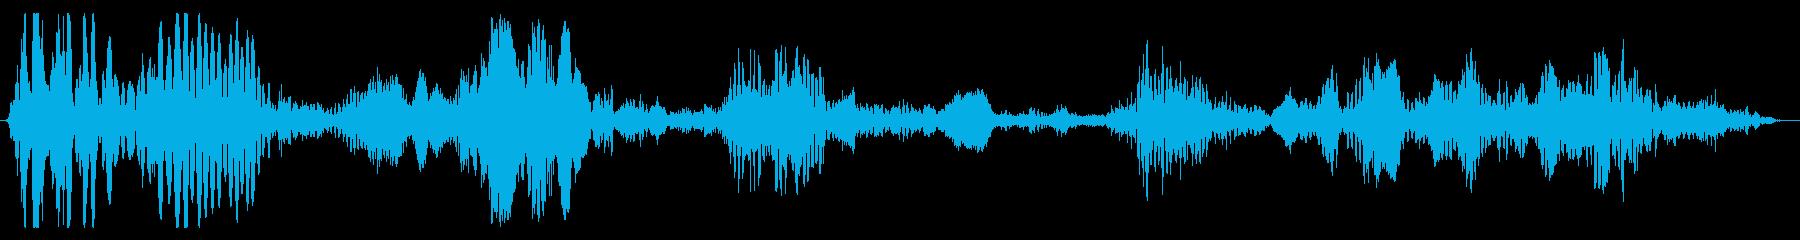 メカニカル_重量_駆動音の再生済みの波形